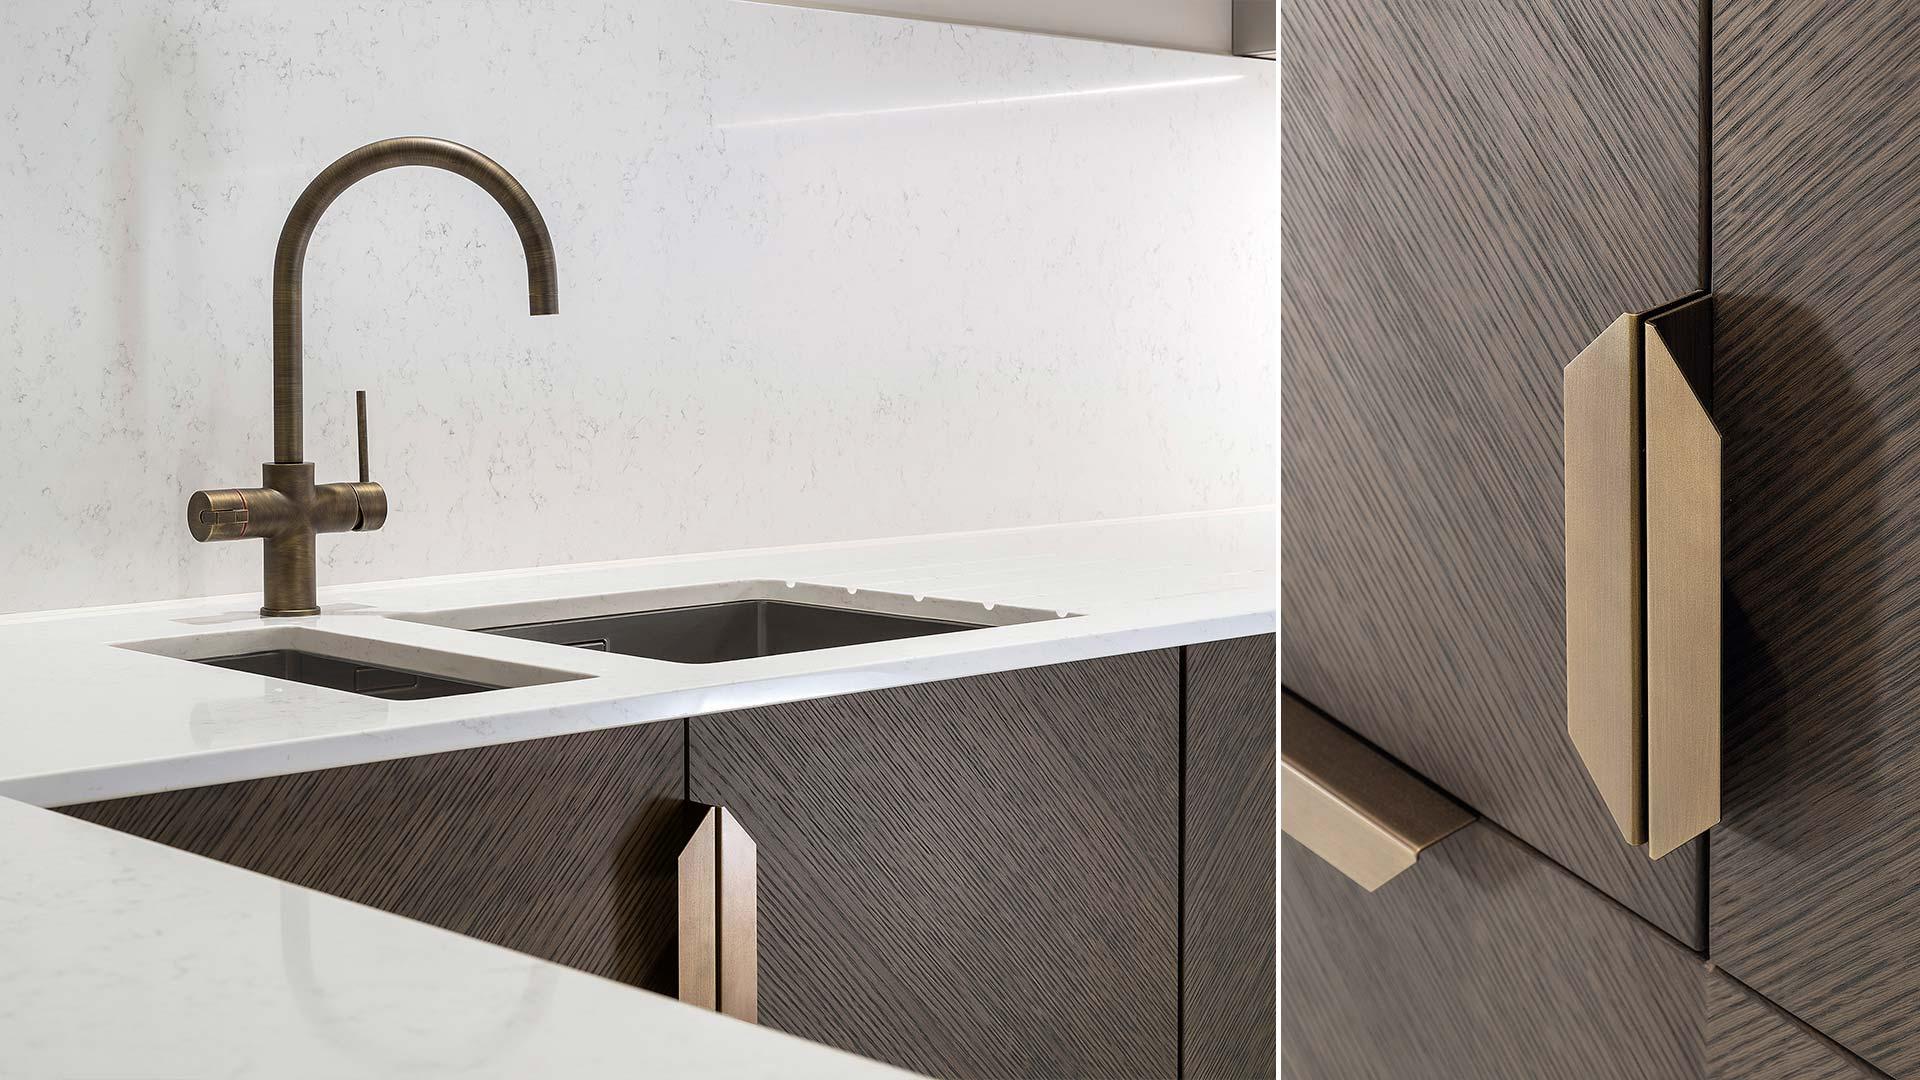 Cucina con penisola e colonne in Rovere rigantino su layout angolare - TM Italia - 20181102_TMItalia_realizzazione_multiapartmentonequeen-003